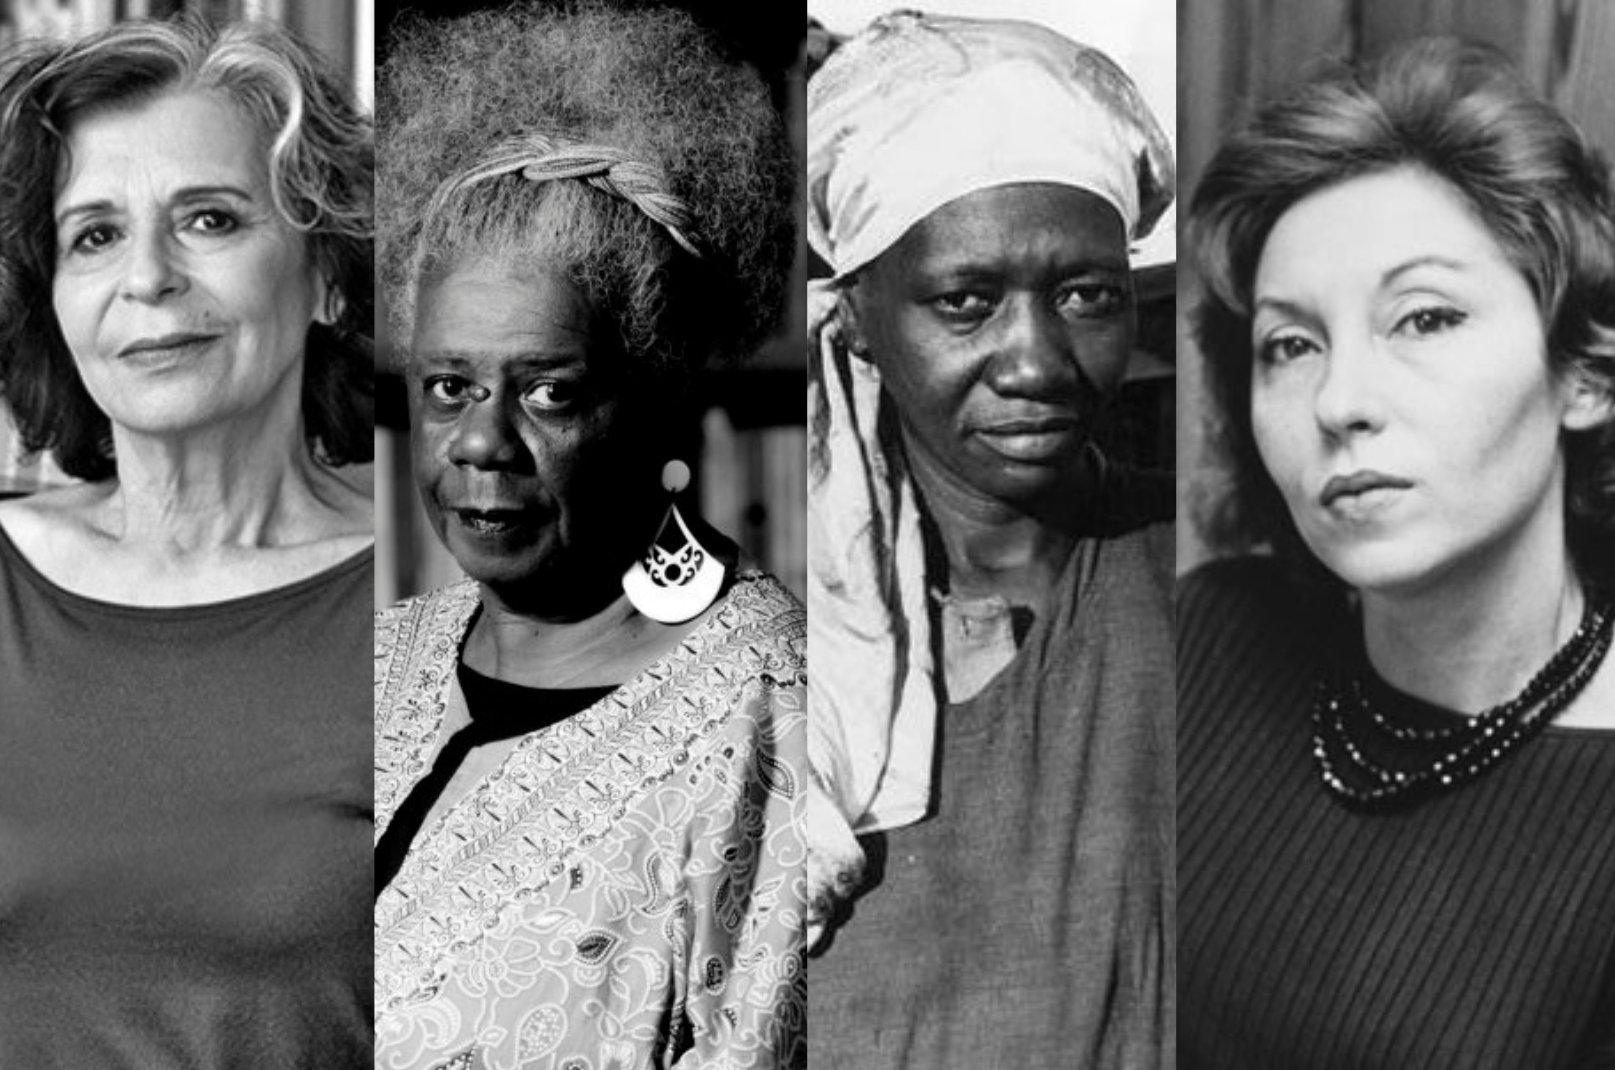 Mães na literatura: conheça escritoras brasileiras que retratam a maternidade